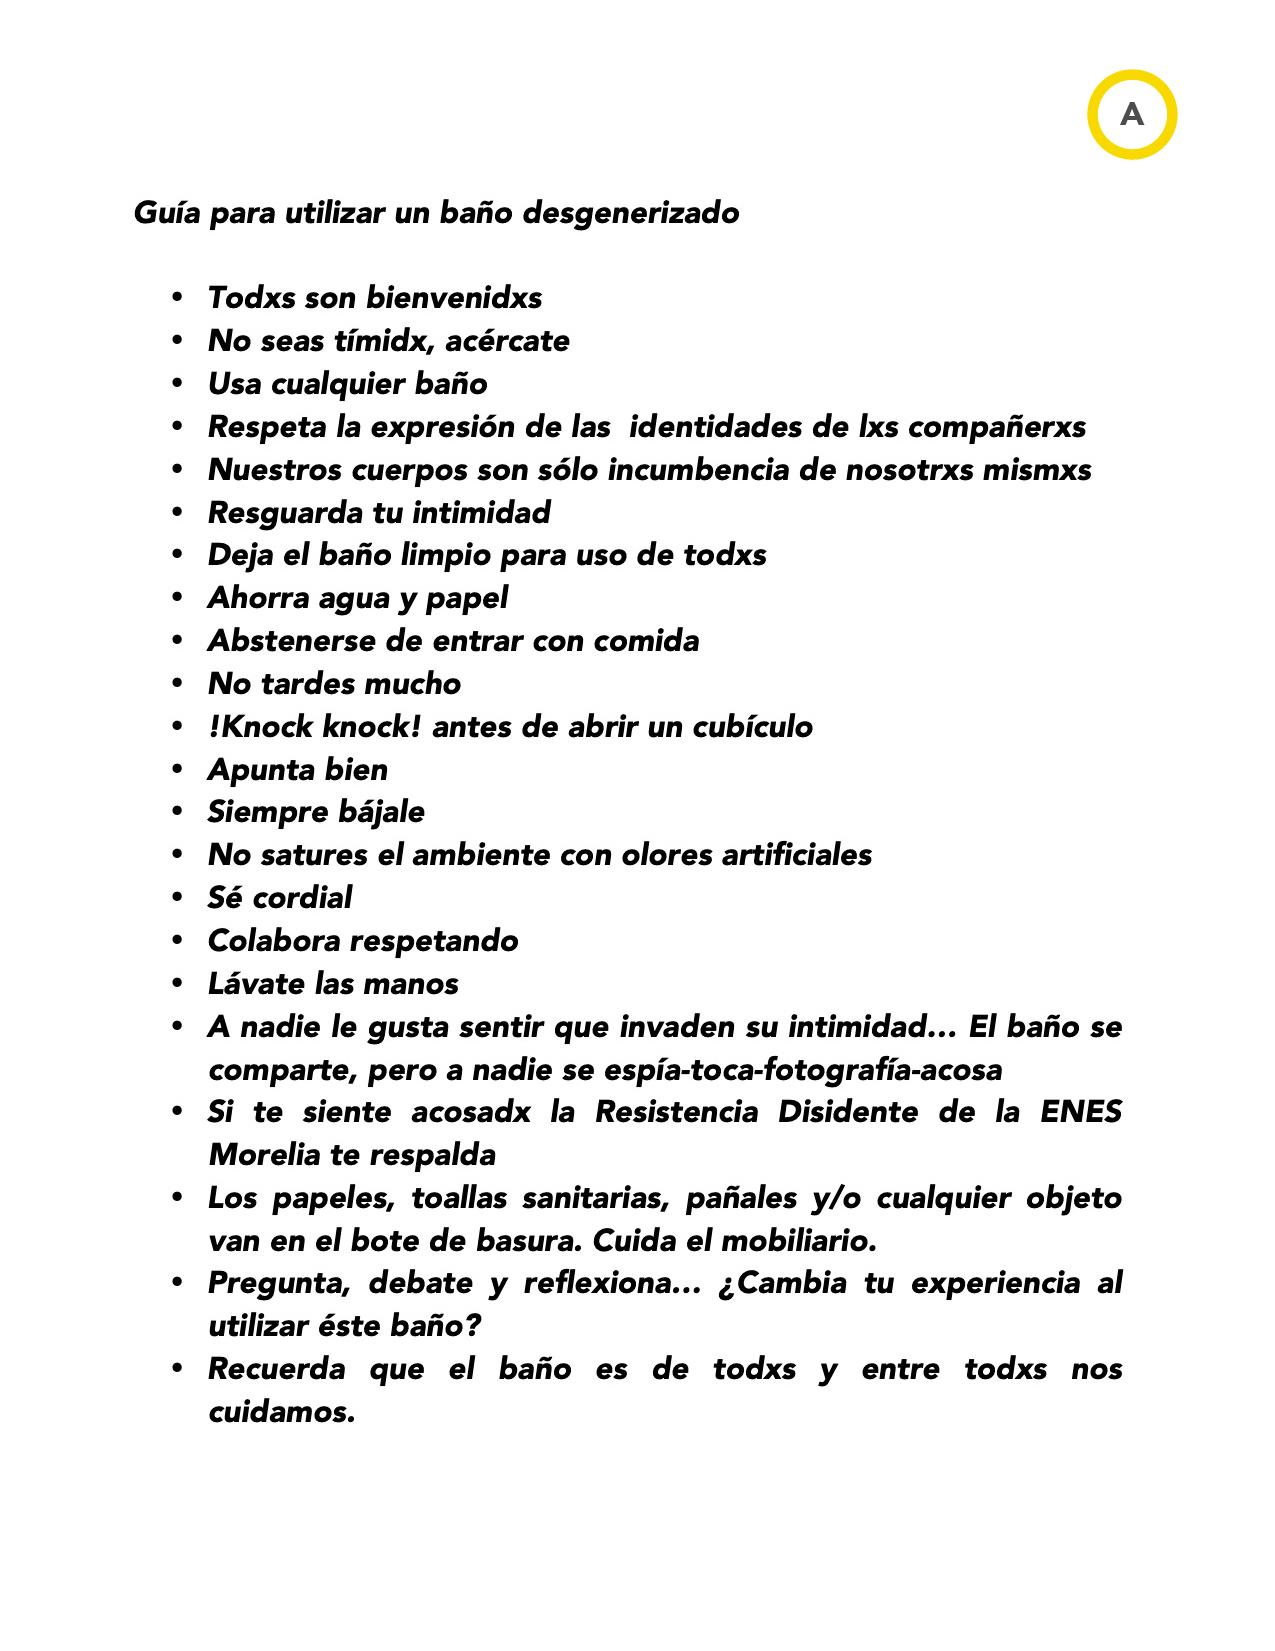 Asamblea-A-01